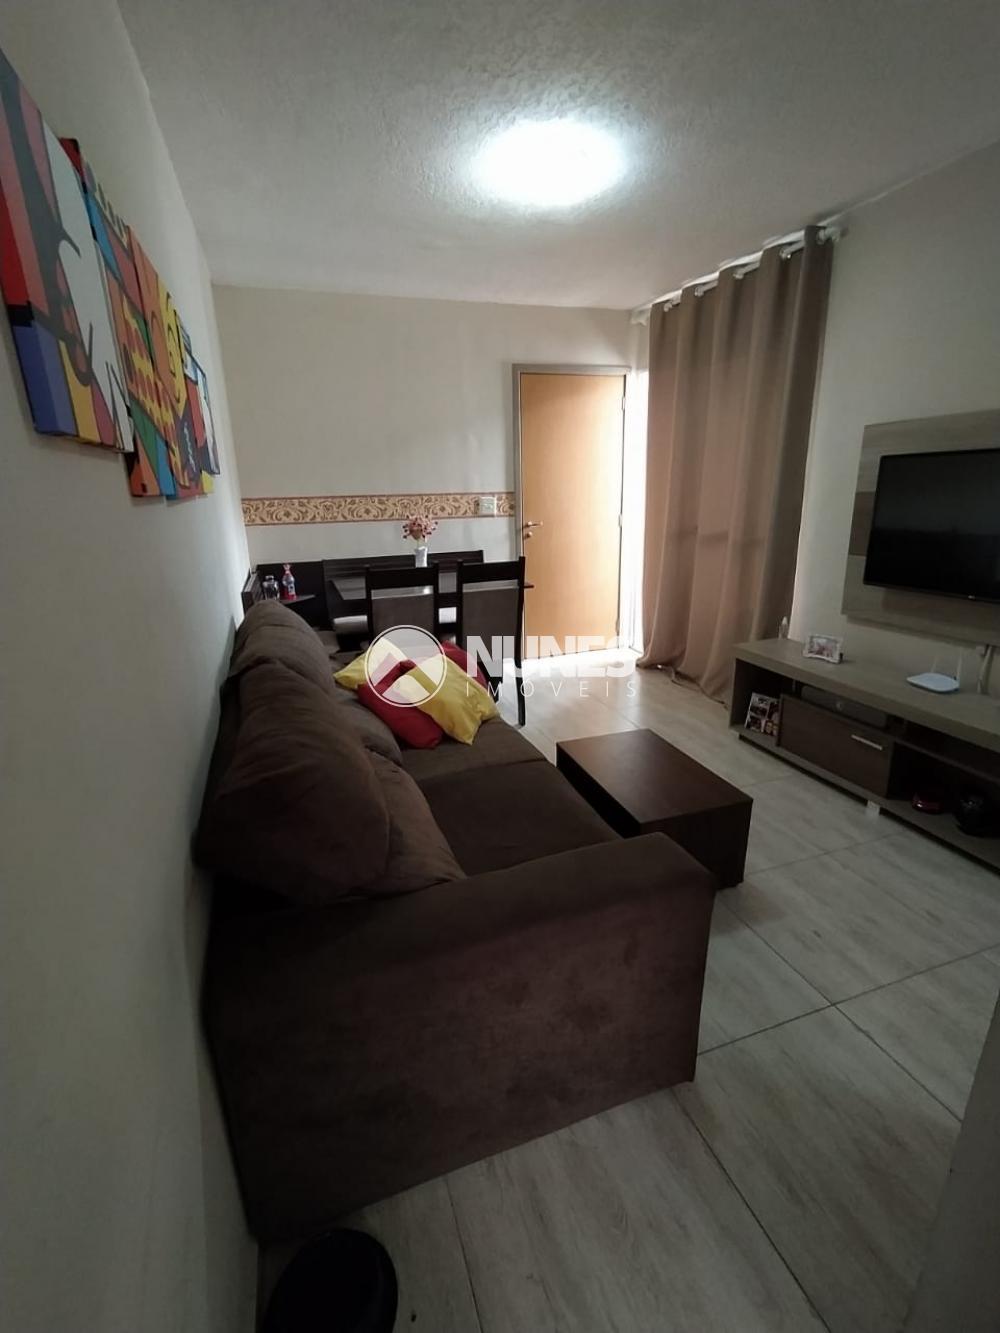 Comprar Apartamento / Padrão em Cotia R$ 220.000,00 - Foto 32